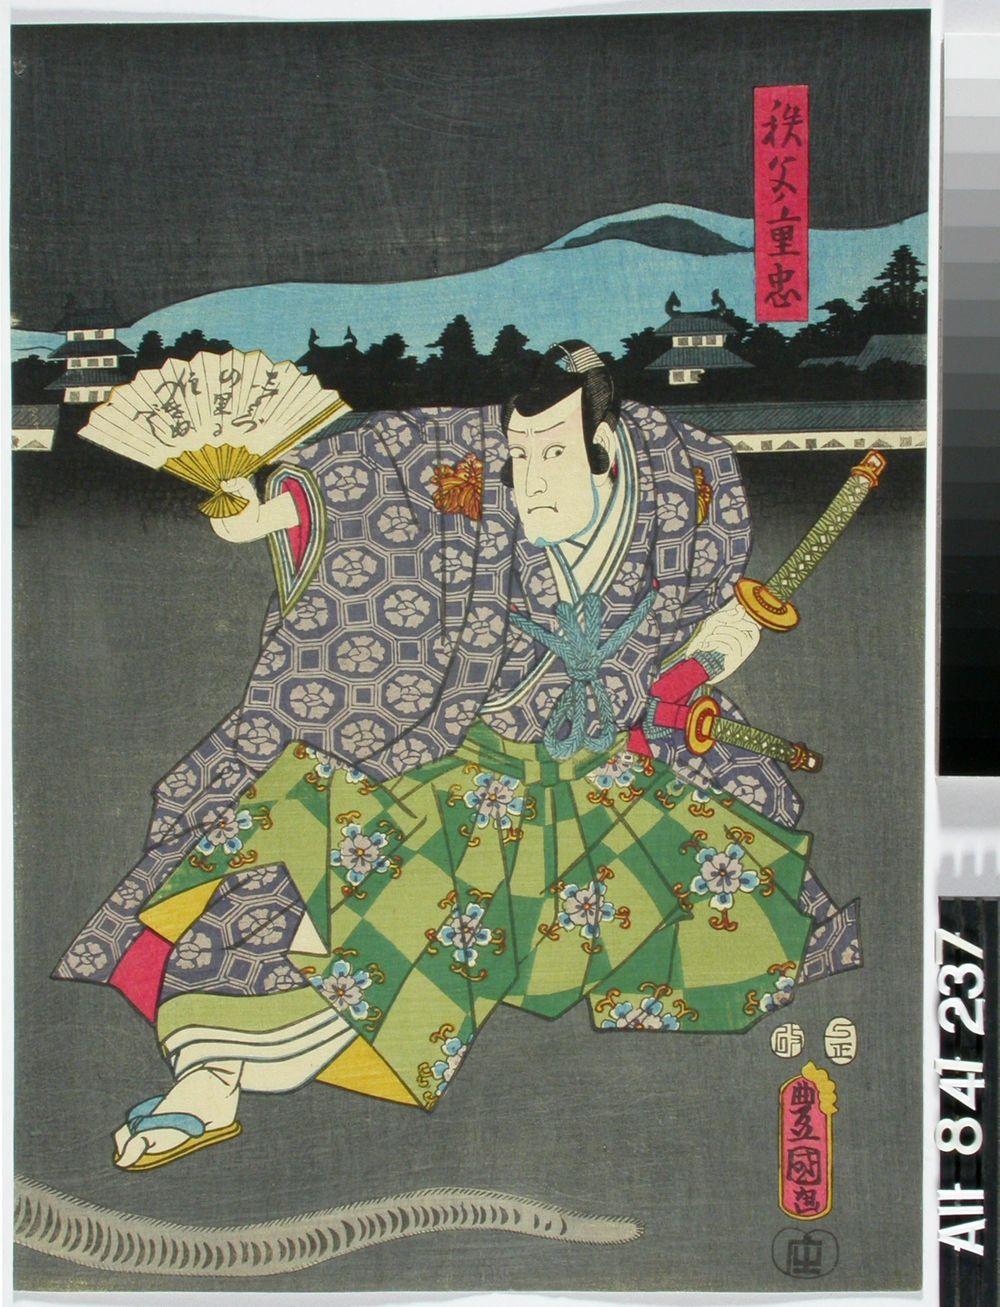 Näyttelijä Ichikawa Danzo VI näytelmässä Dan-no-ura kabuto gunki (Dan-no-uran taistelu)